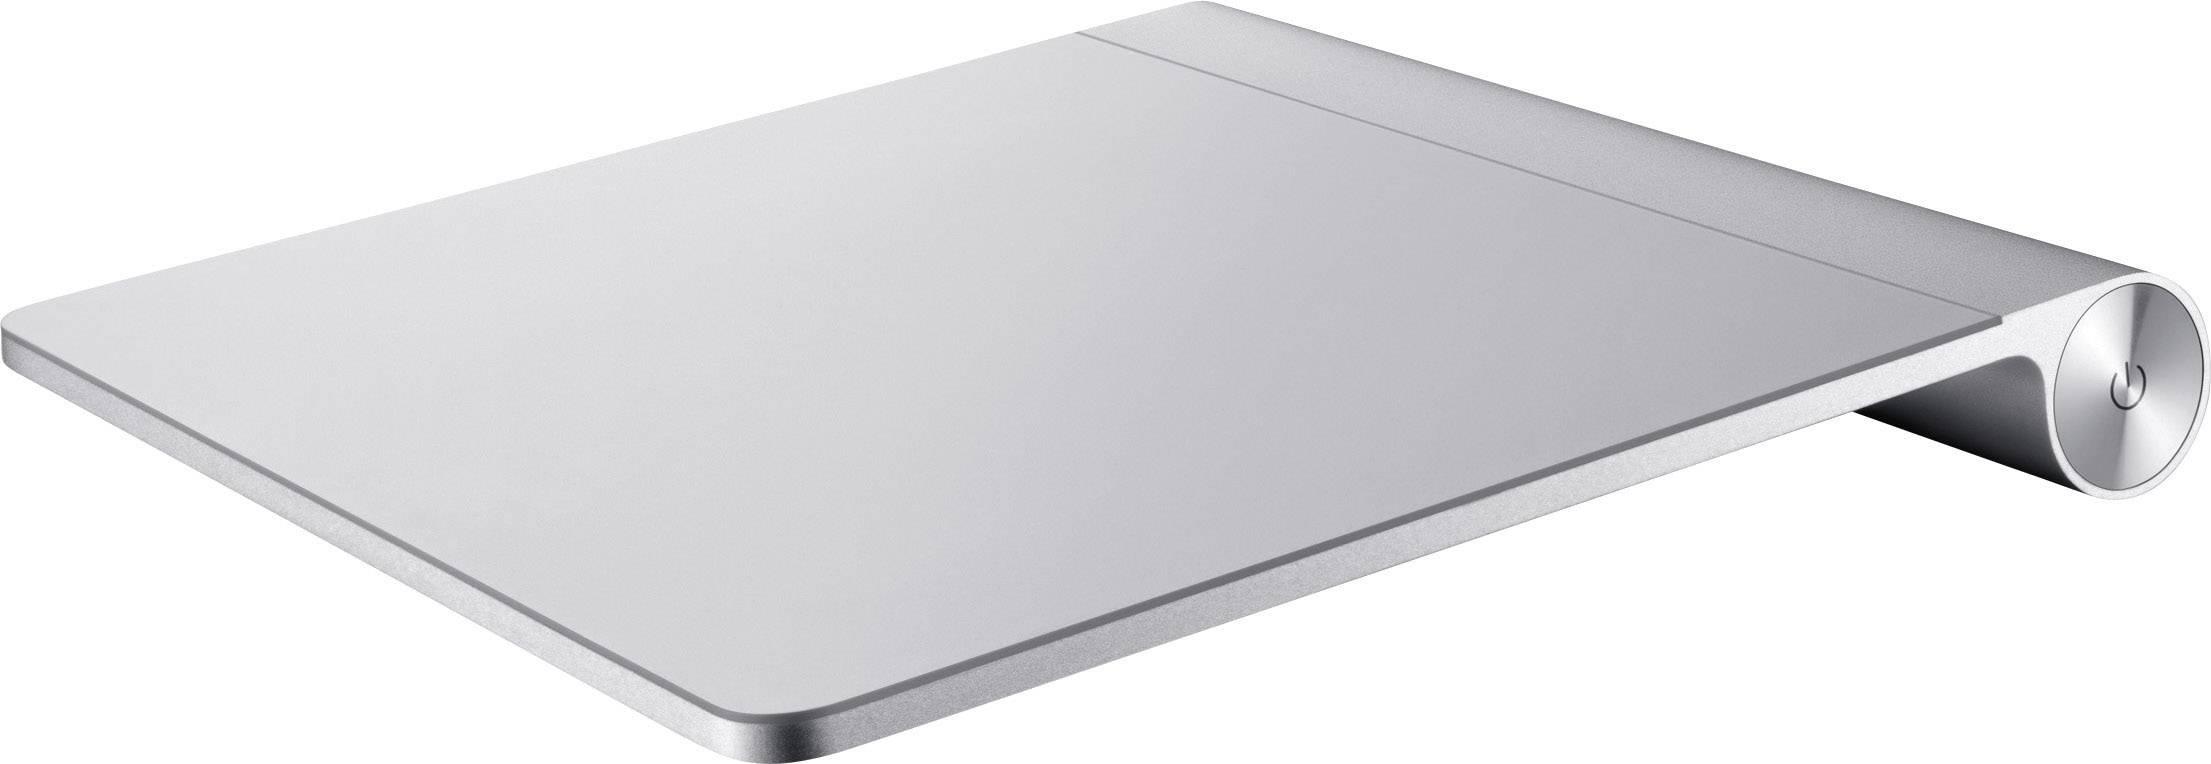 Příslušenství pro Apple Macbook